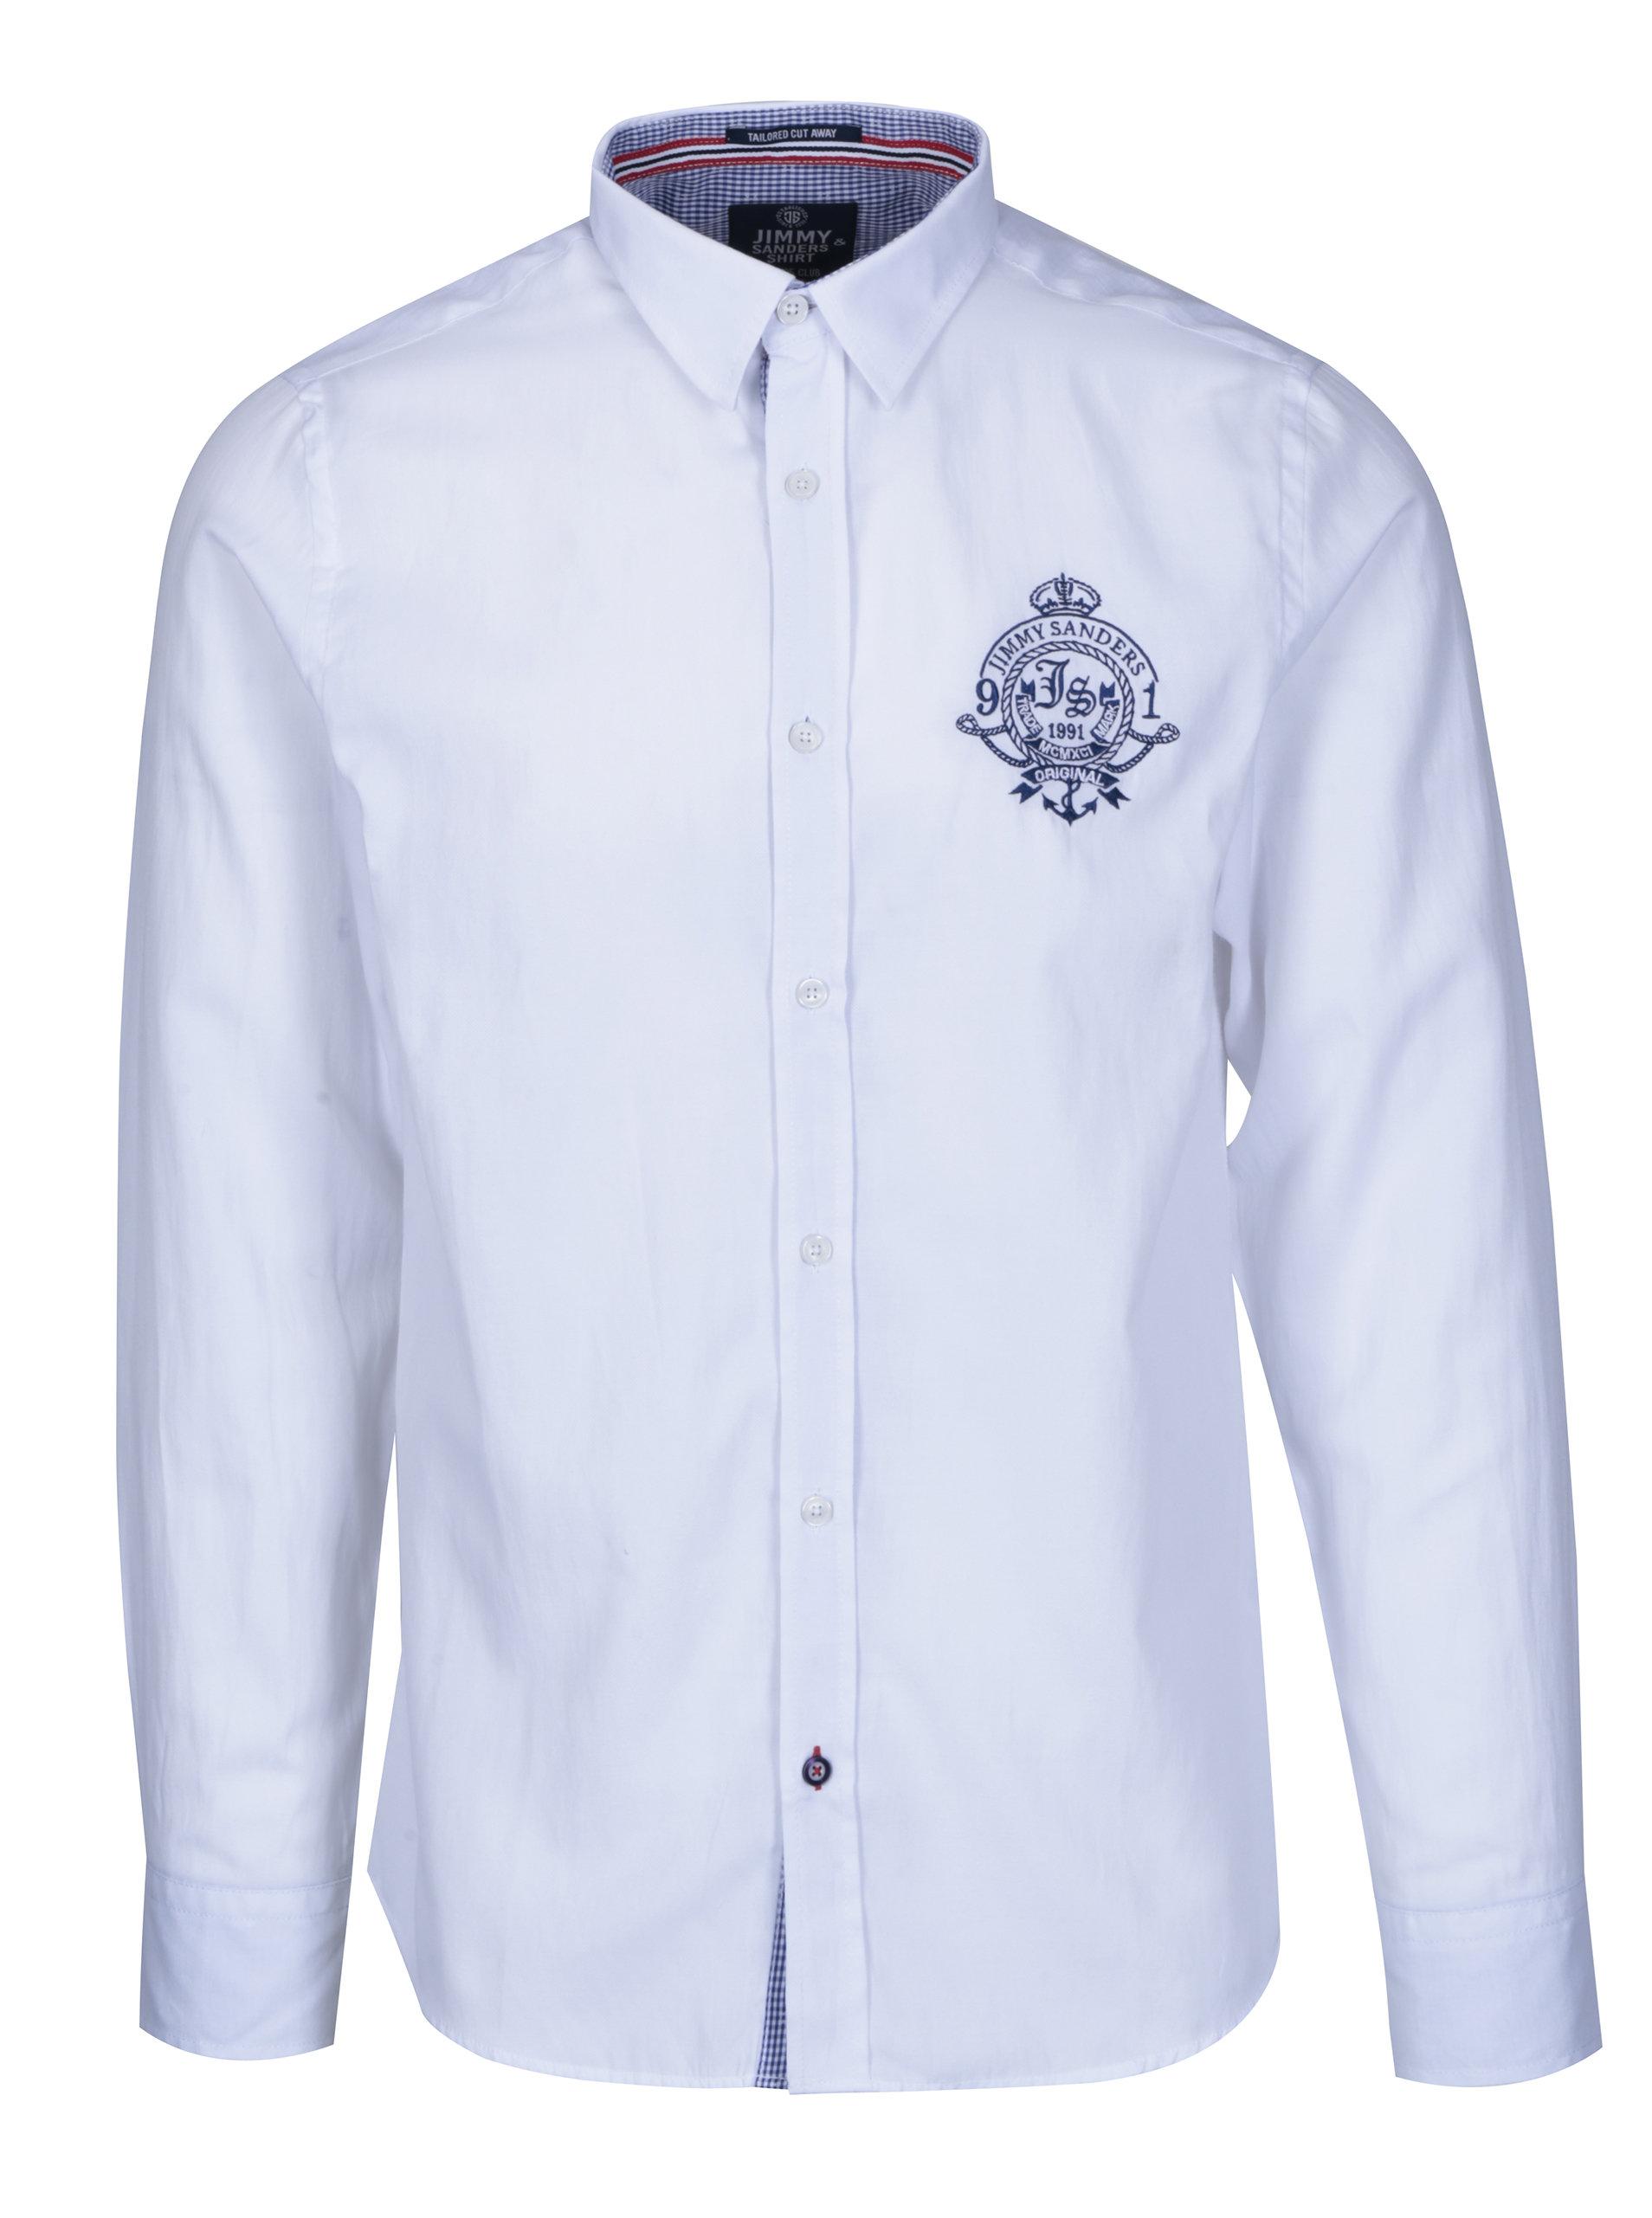 3392c10ff755 Biela pánska košeľa s výšivkou Jimmy Sanders ...